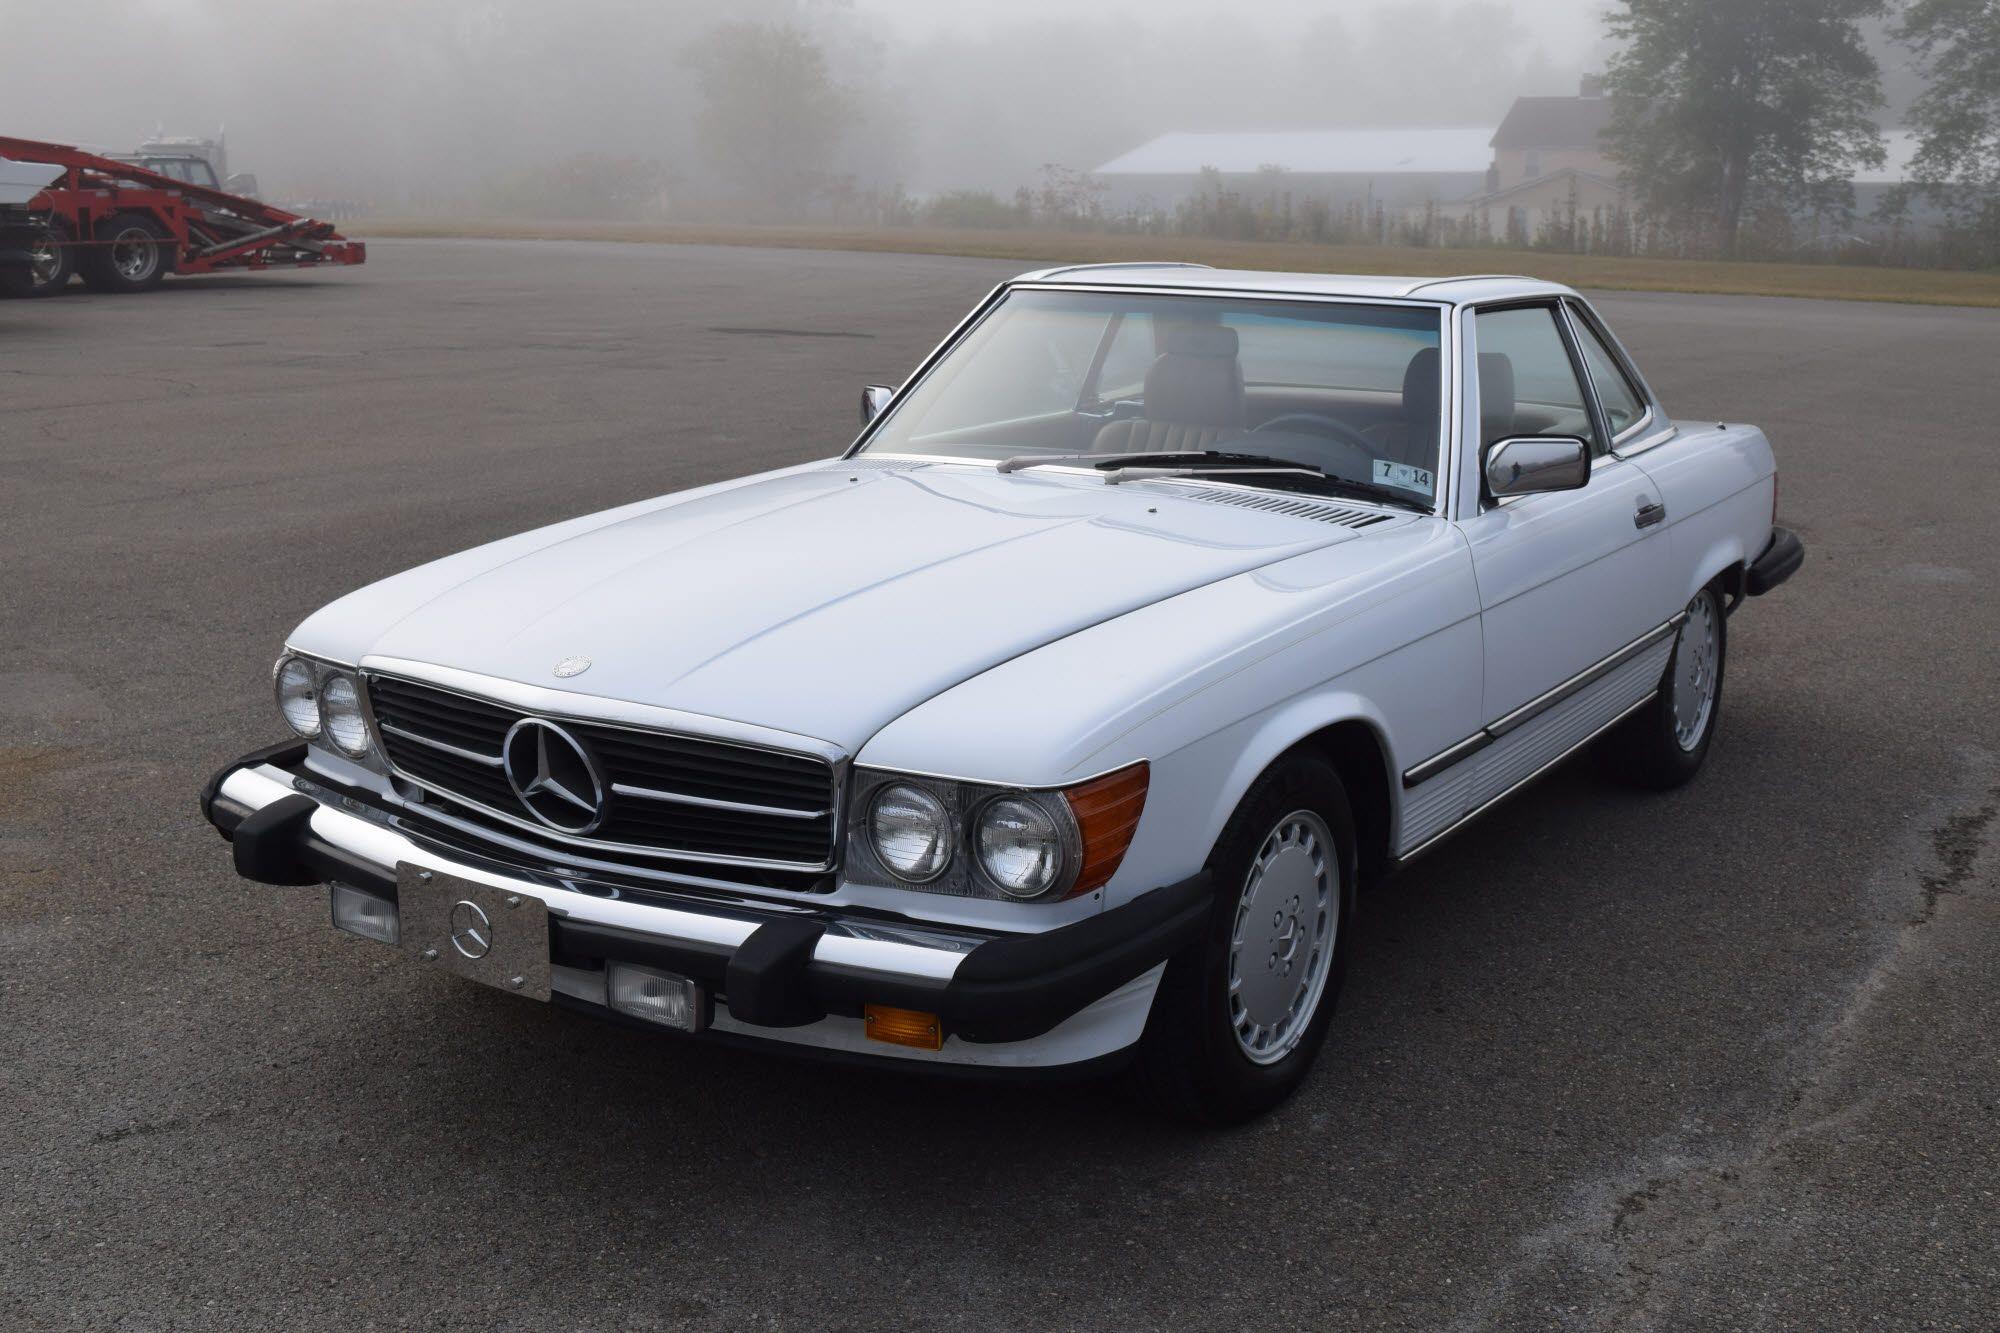 21KMile 1987 MercedesBenz 560SL (con imágenes) 21k